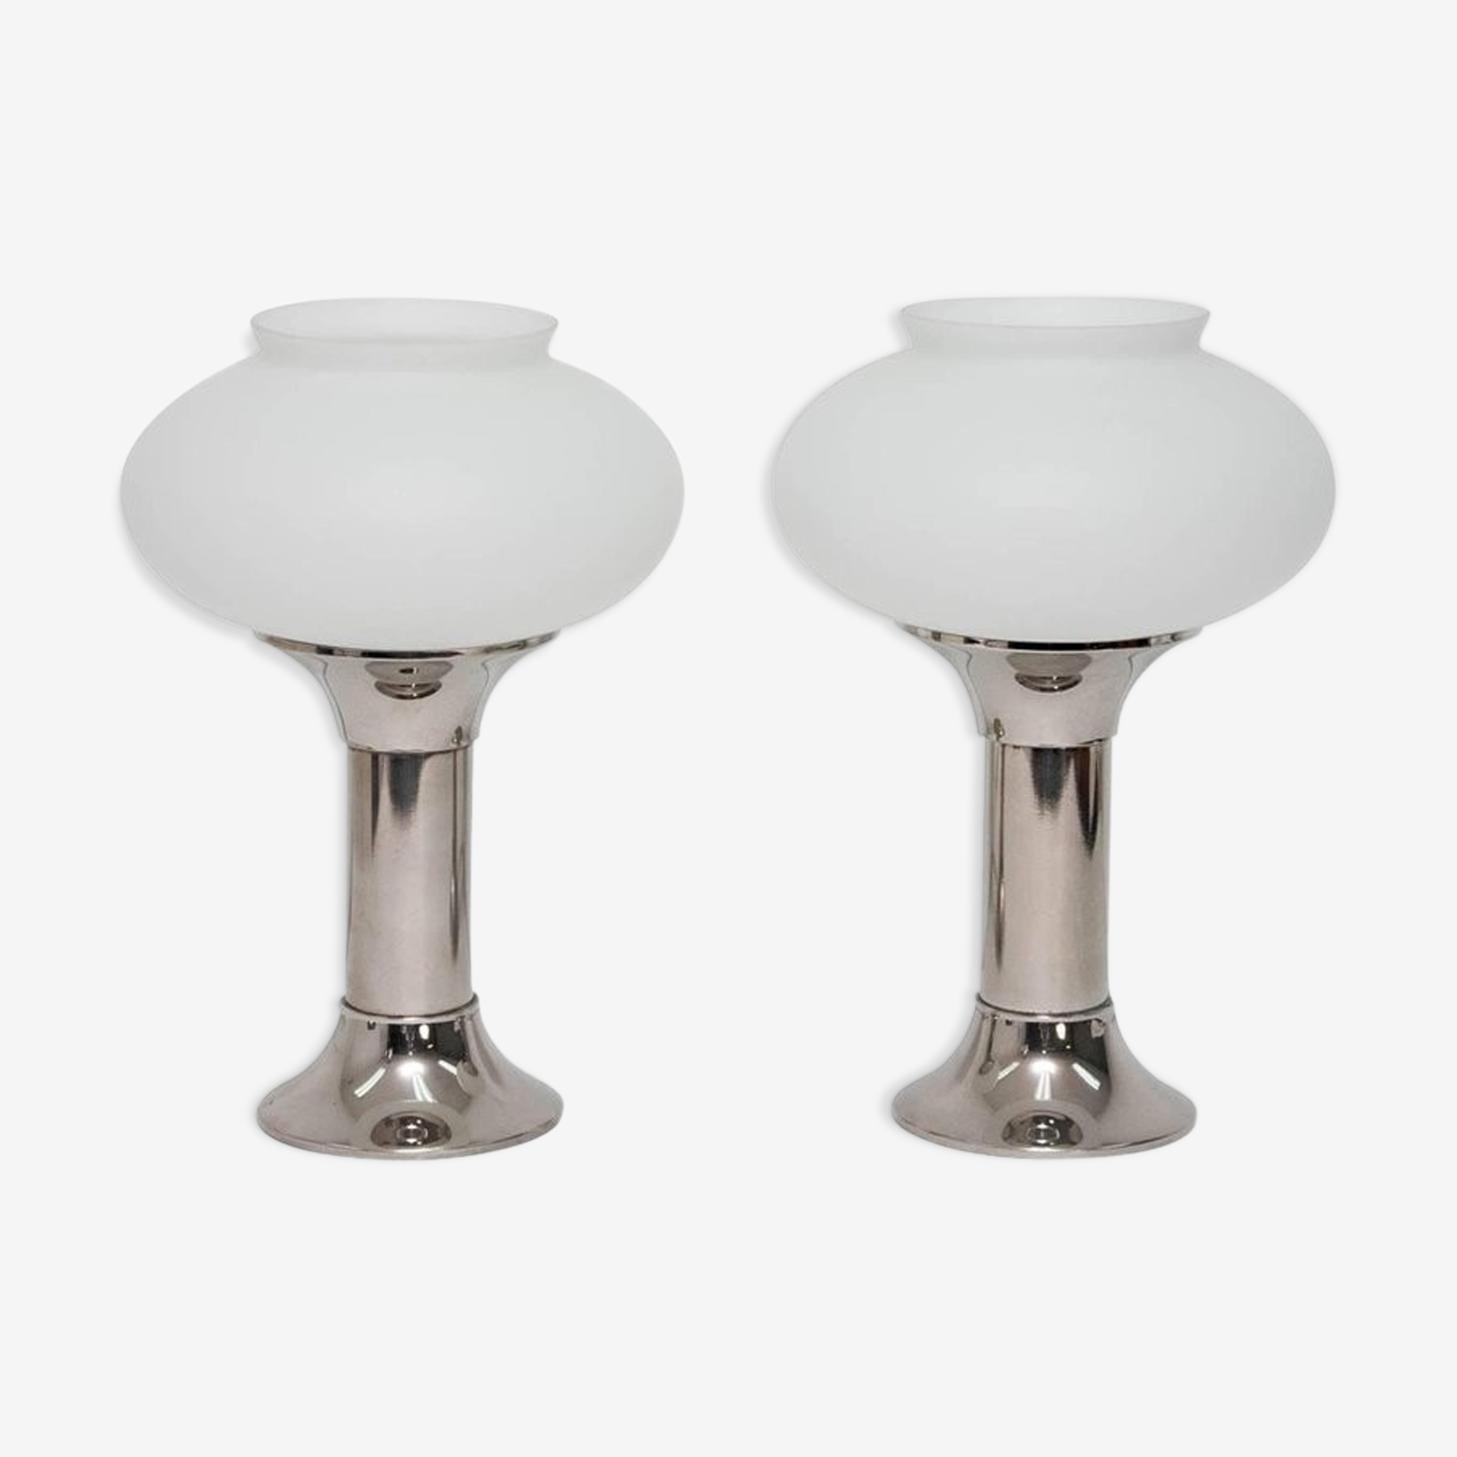 Paire de lampes de table VEB Narva années 1960